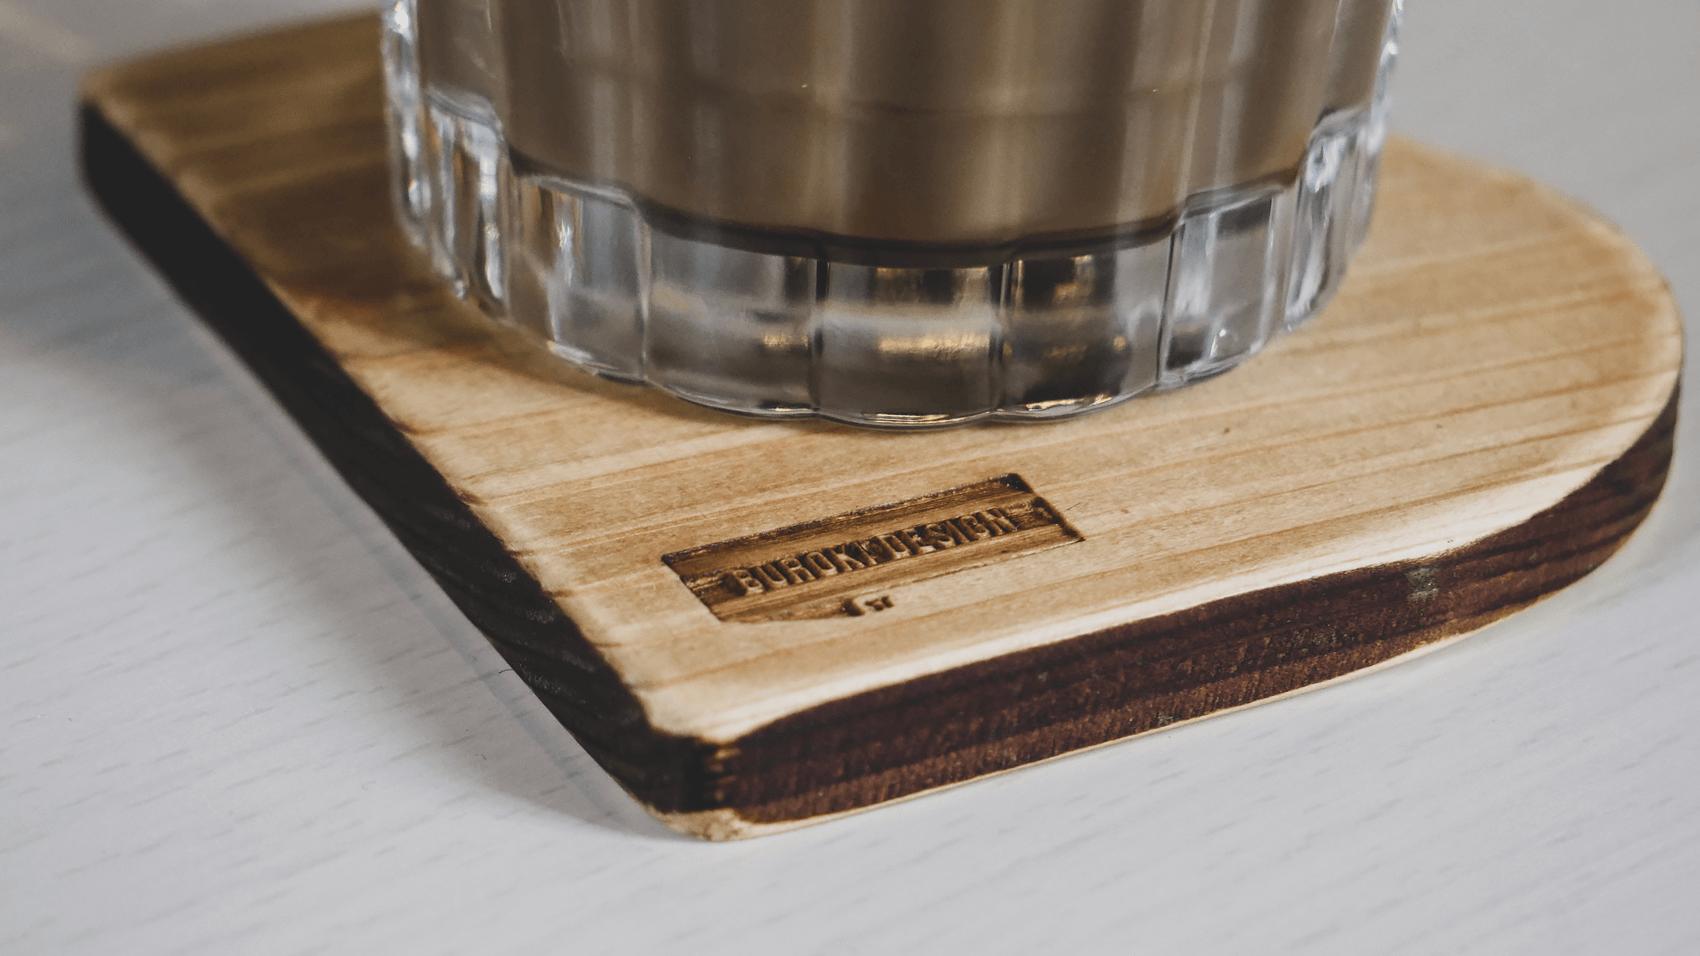 Bの木製コースターにカップを乗せてみる